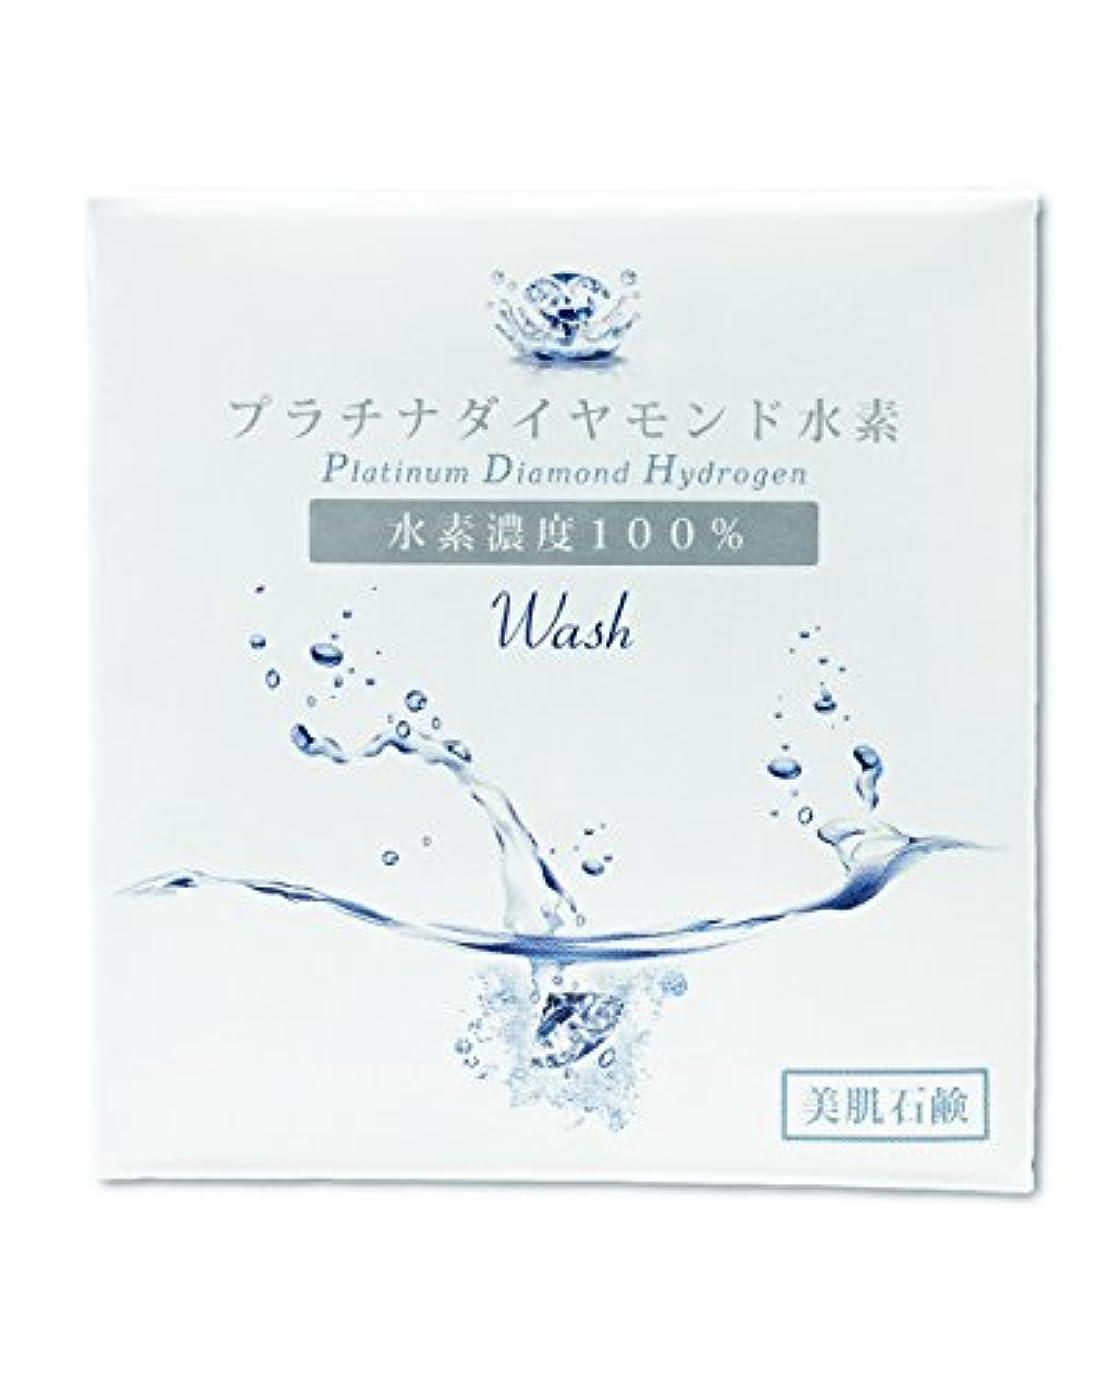 発音する畝間憧れ水素石鹸 プラチナダイヤモンド水素Wash